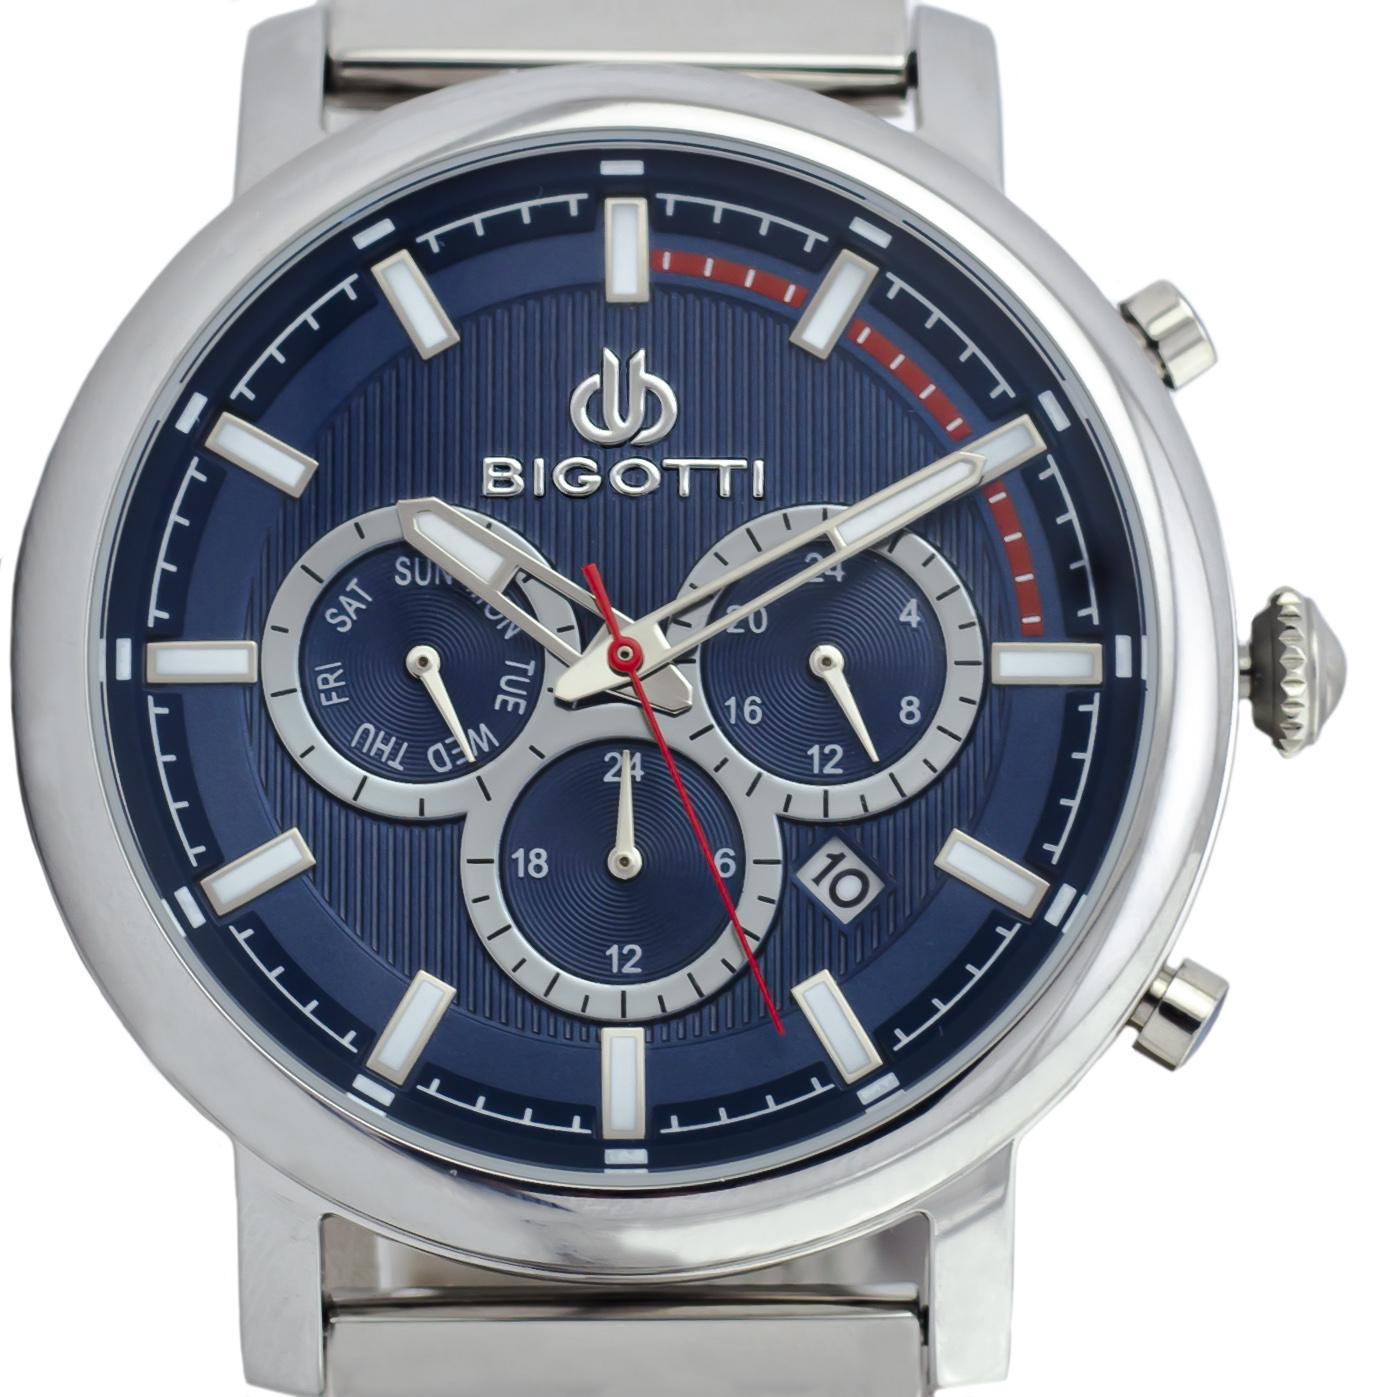 ساعت مچی عقربهای مردانه بیگوتی مدل 2-BG10140